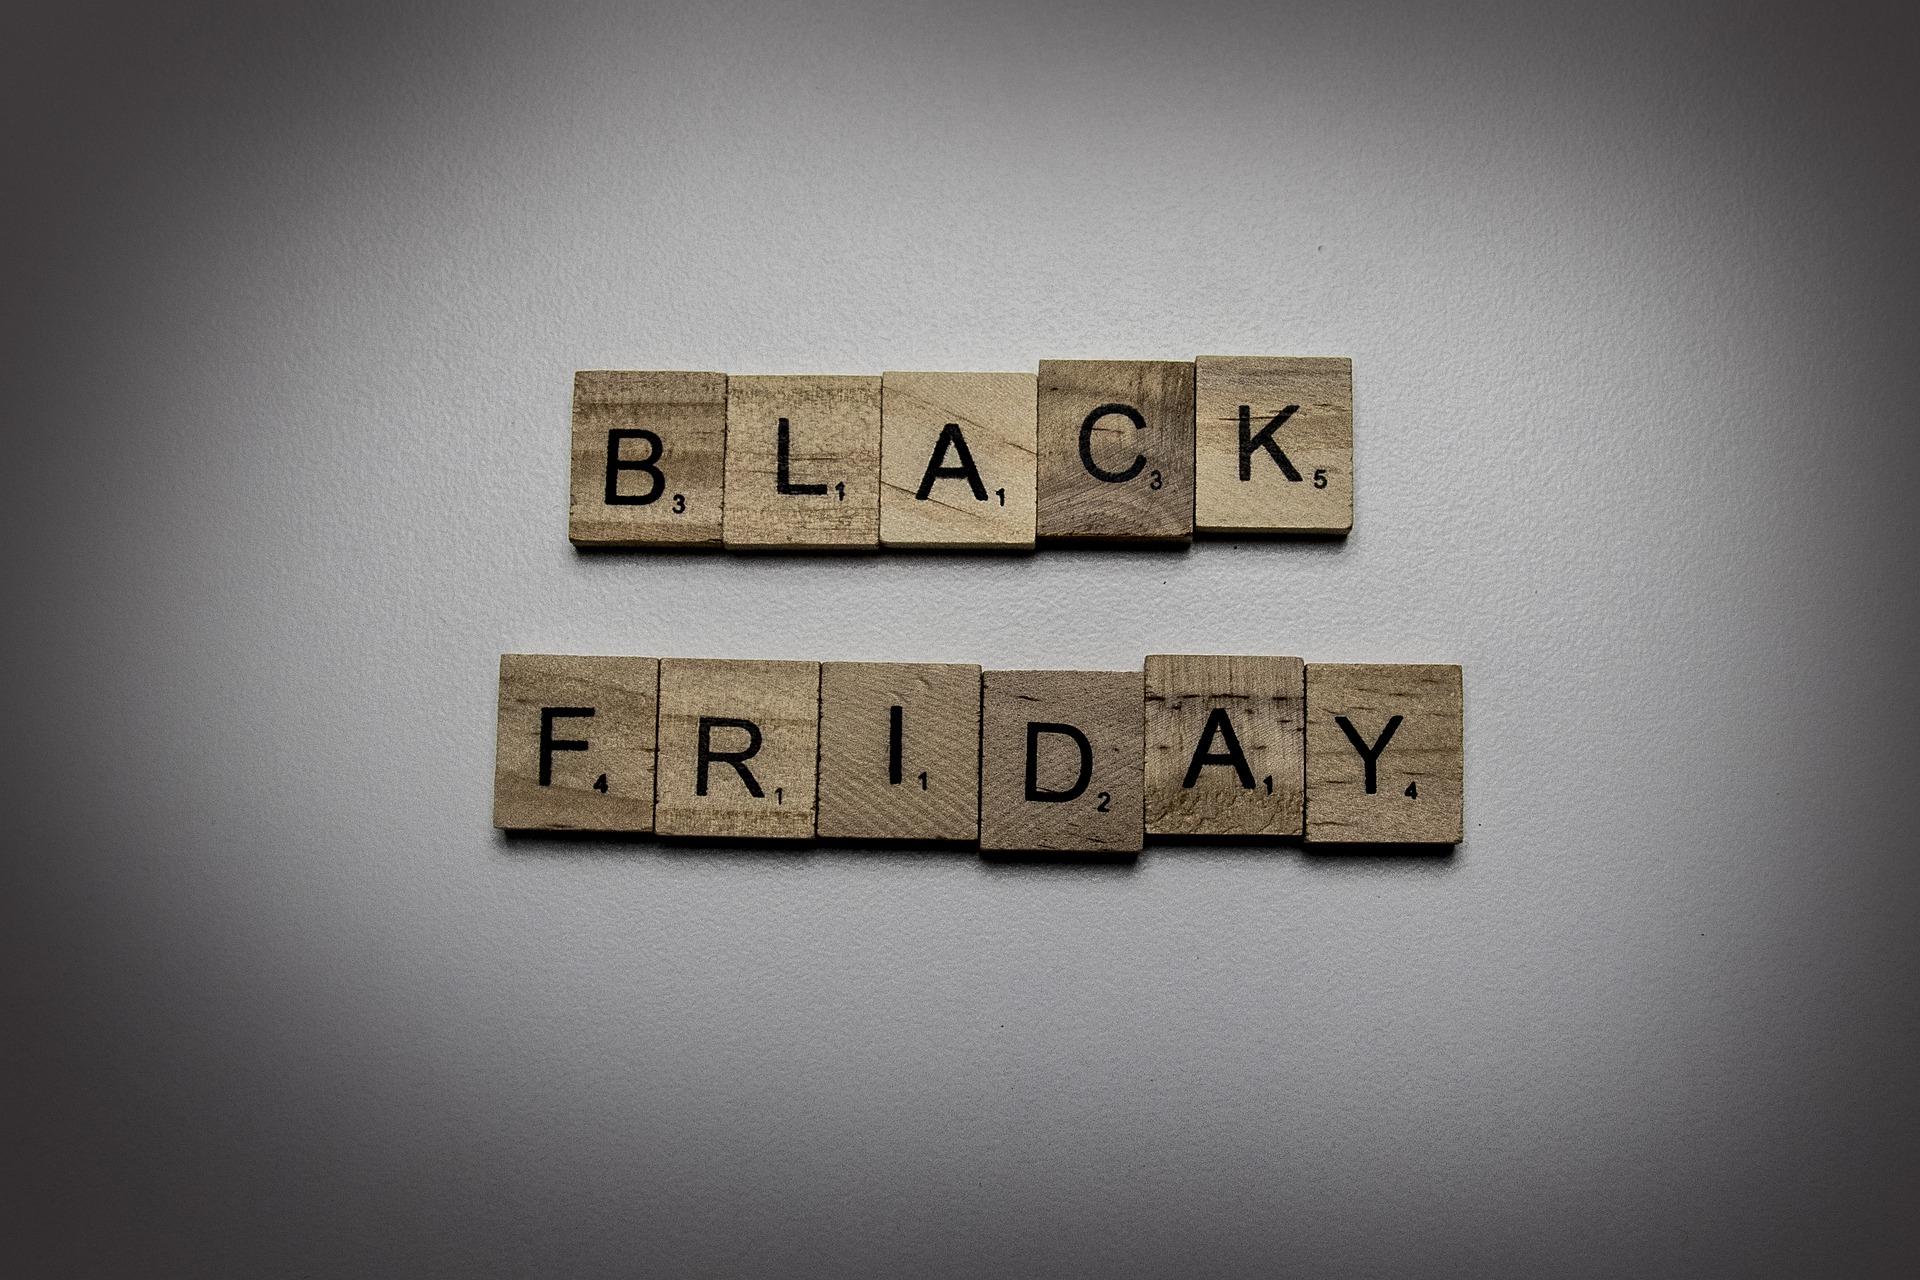 Black Friday : 4 idées pour adapter votre stratégie de communication